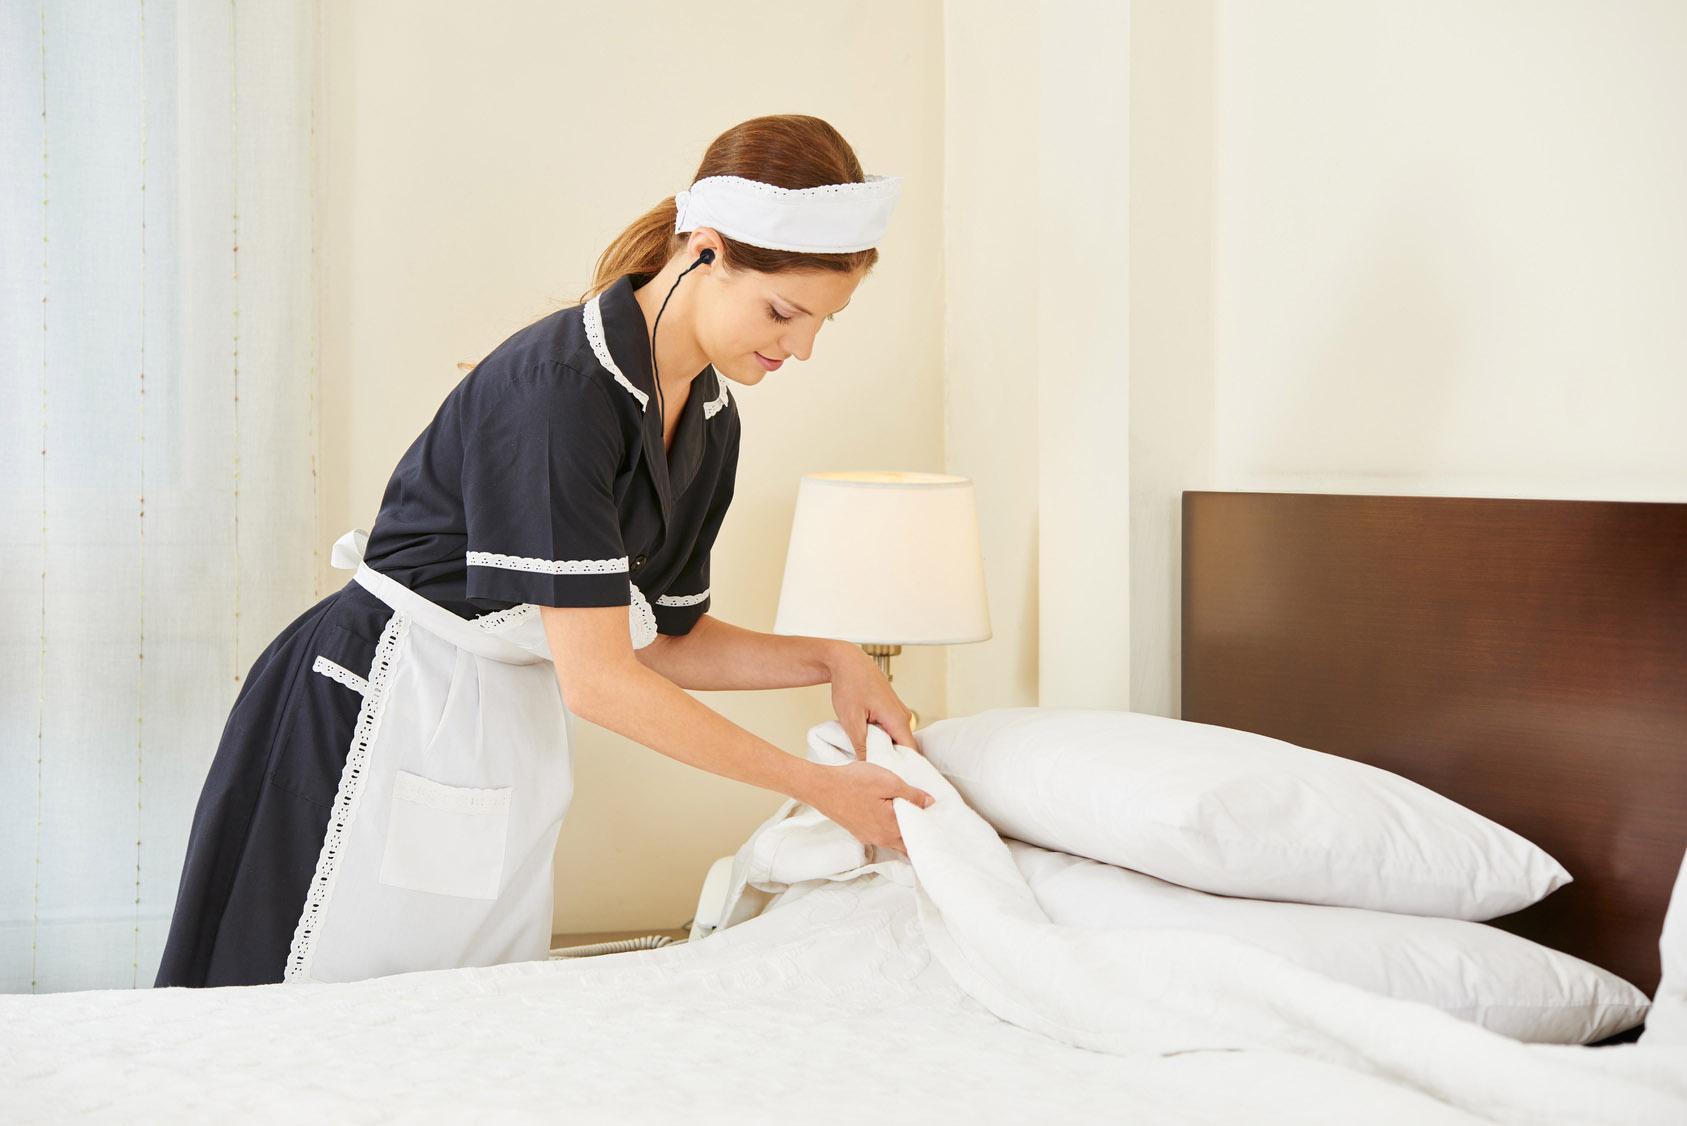 Hotelerie Funkeinsatz Putzfrau